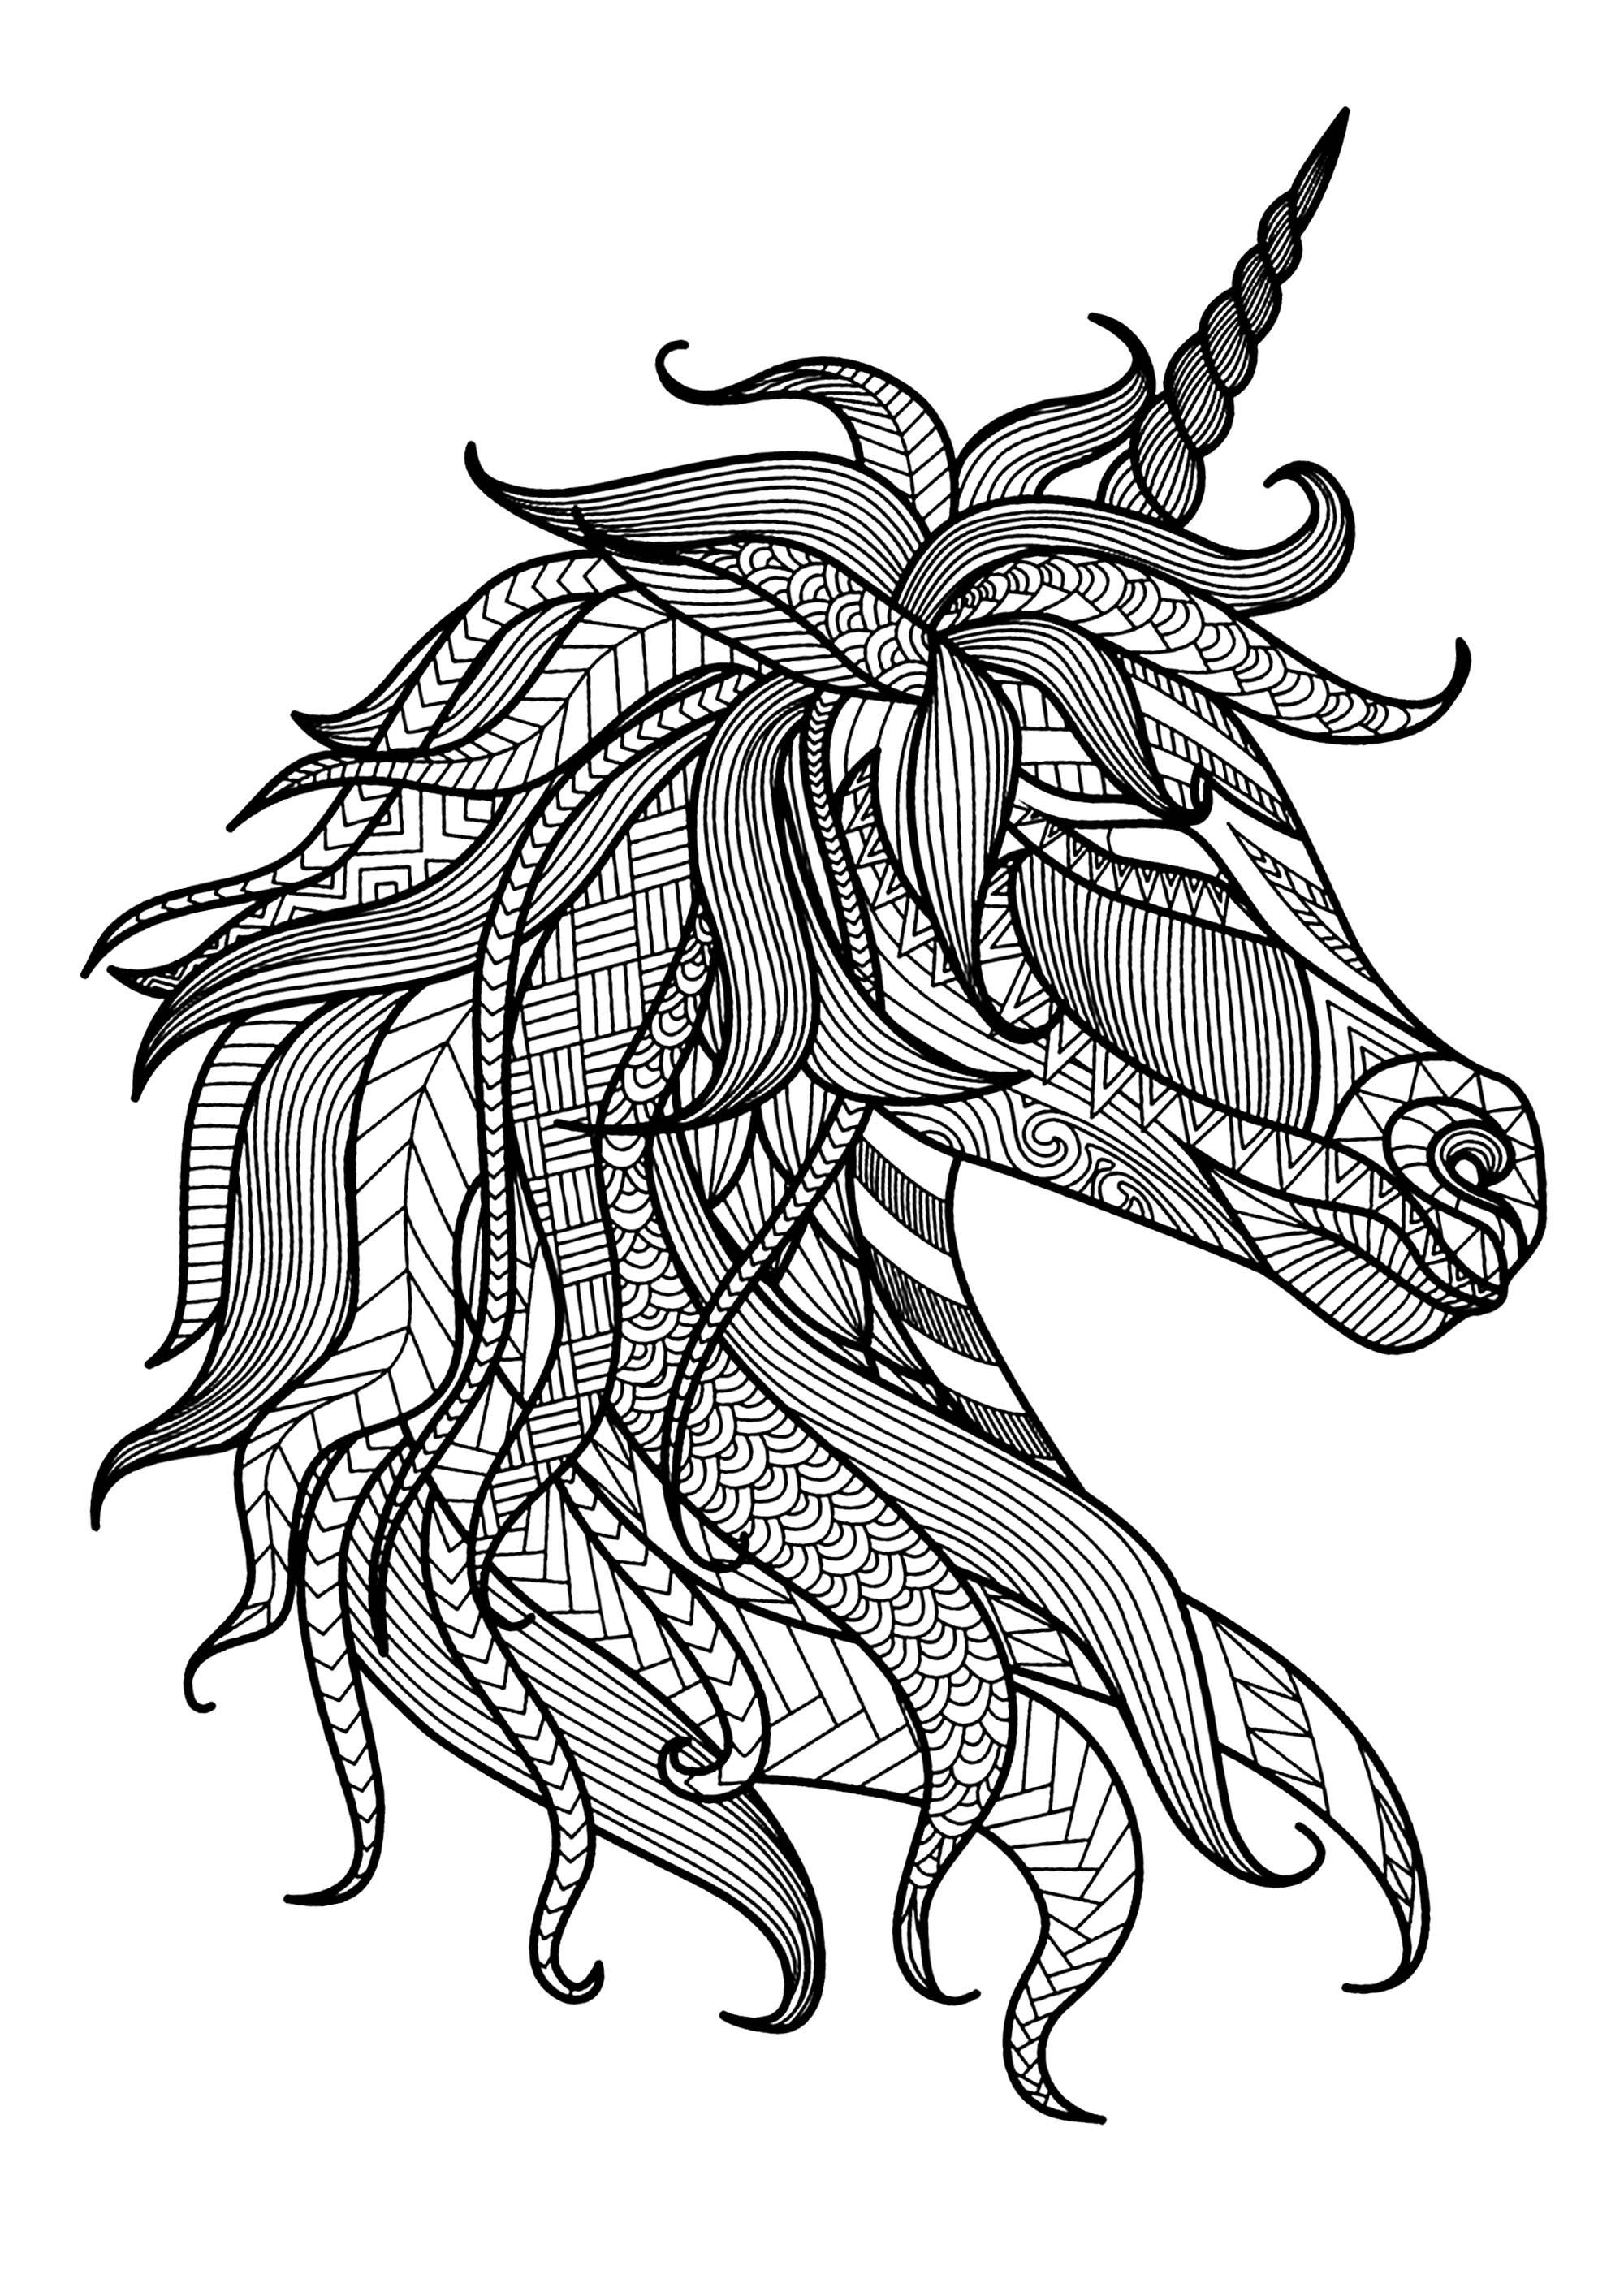 Jolie tête de licorne avec motifs complexes et variés